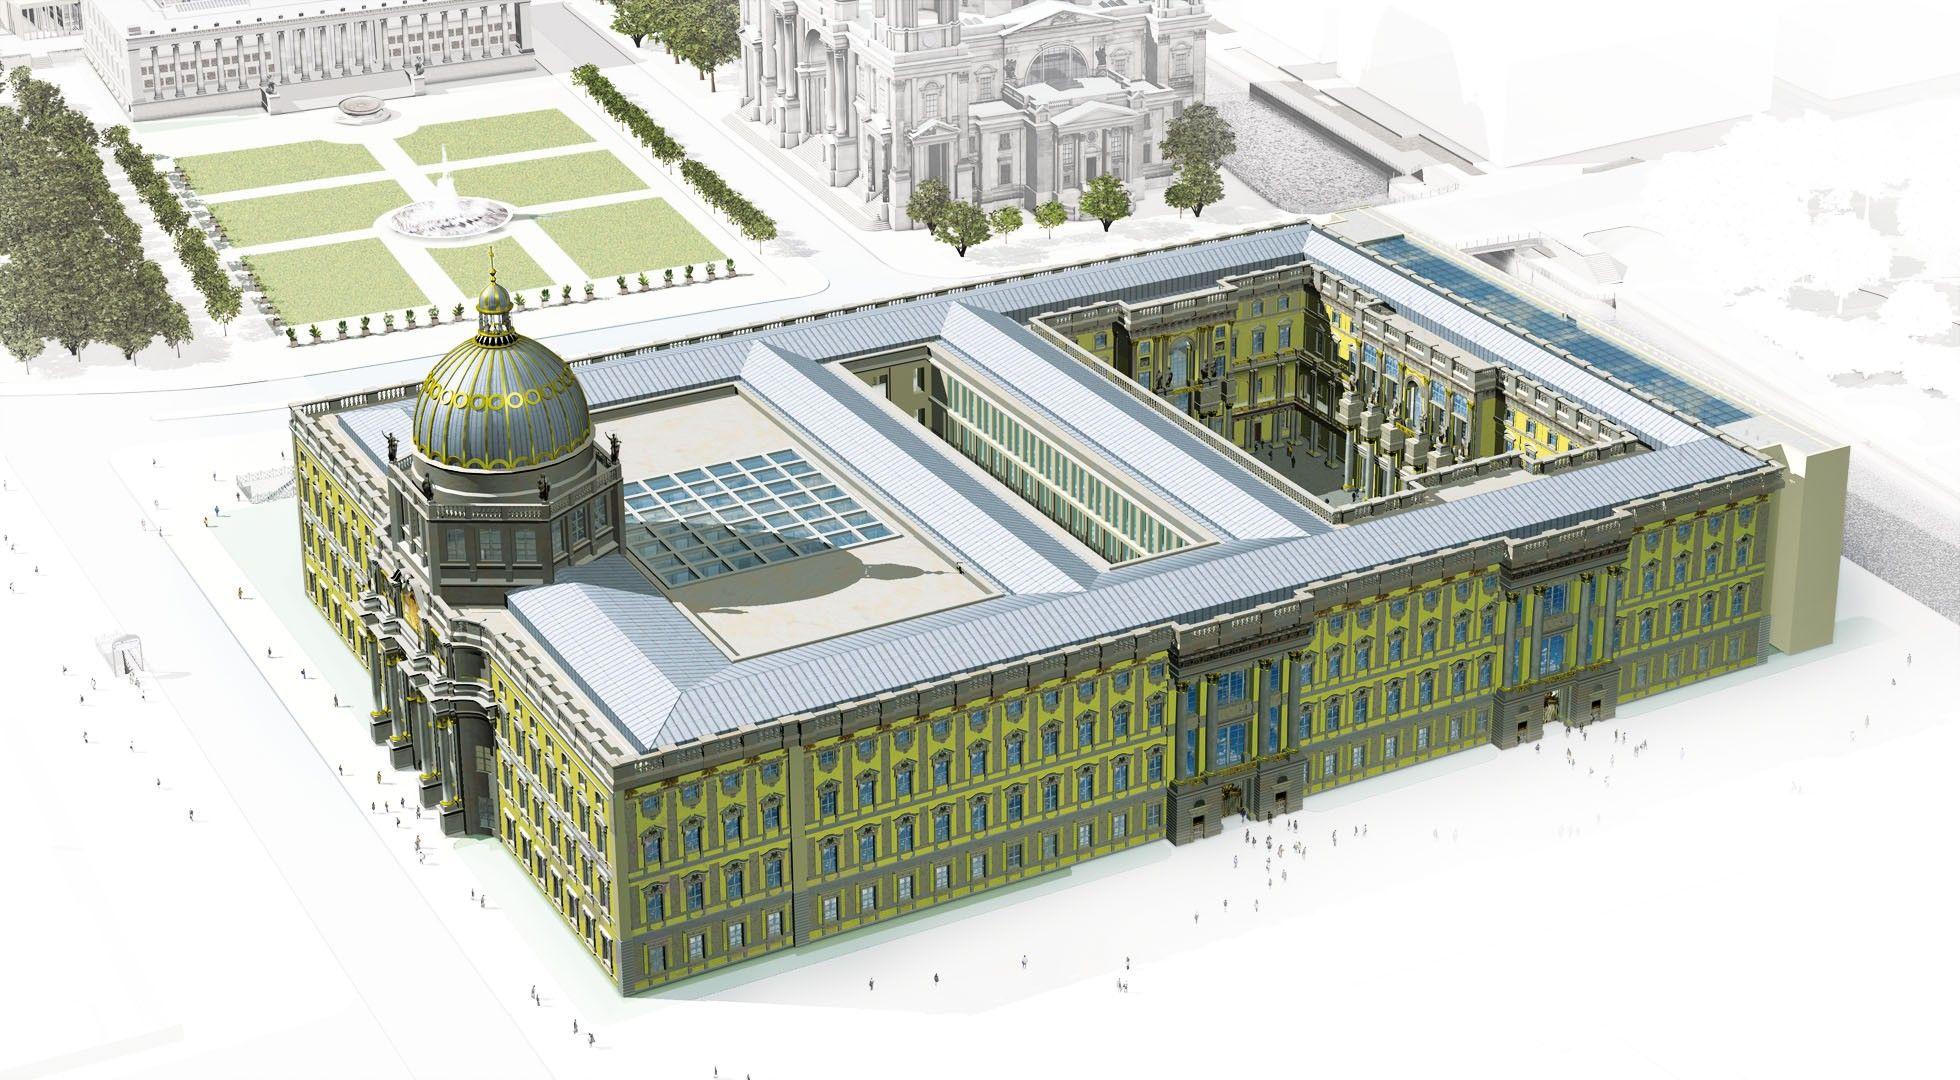 Berlin City Palace Reconstruction Stadtschloss Humboldt Forum U C Berlin Palace Berlin City Humboldt Forum